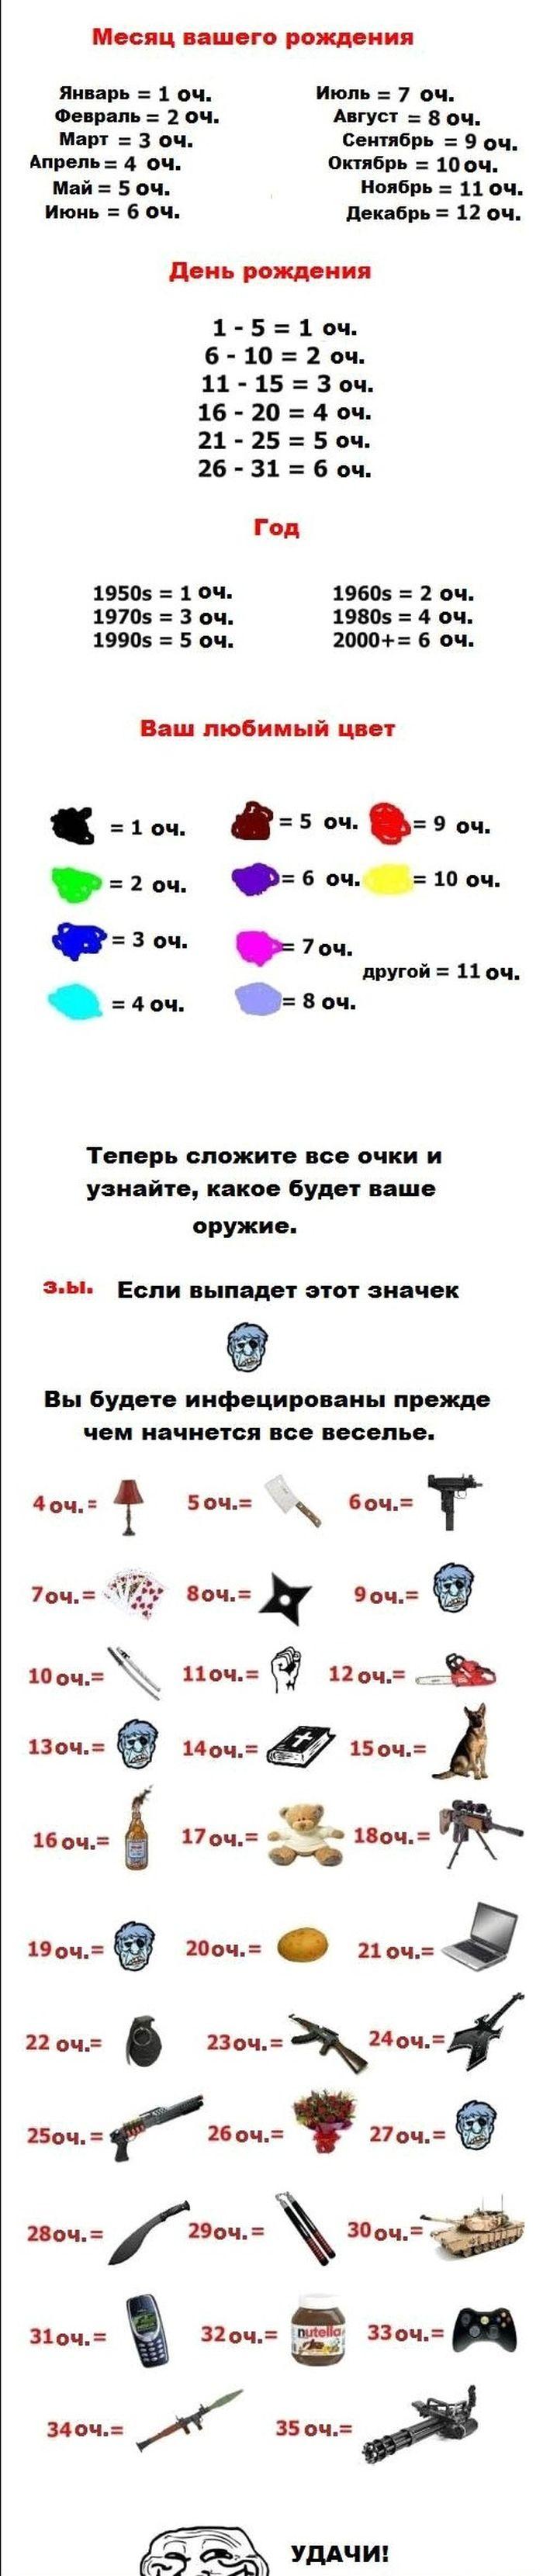 Чем вы будете защищаться во время зомби-апокалипсиса (2 картинки)